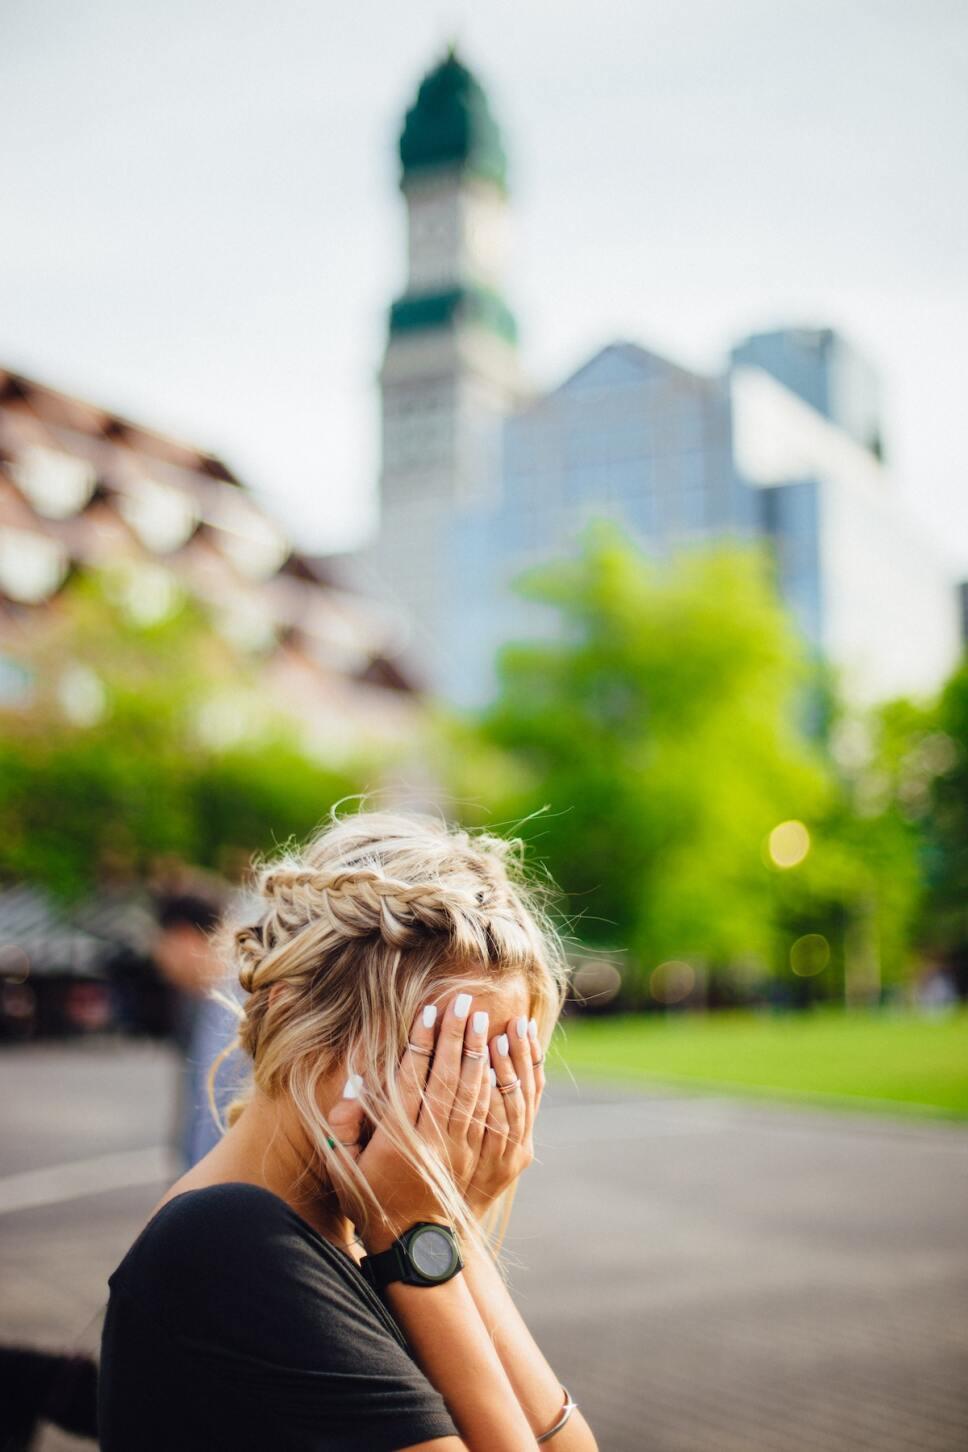 mujer con manos en el rostro preocupada